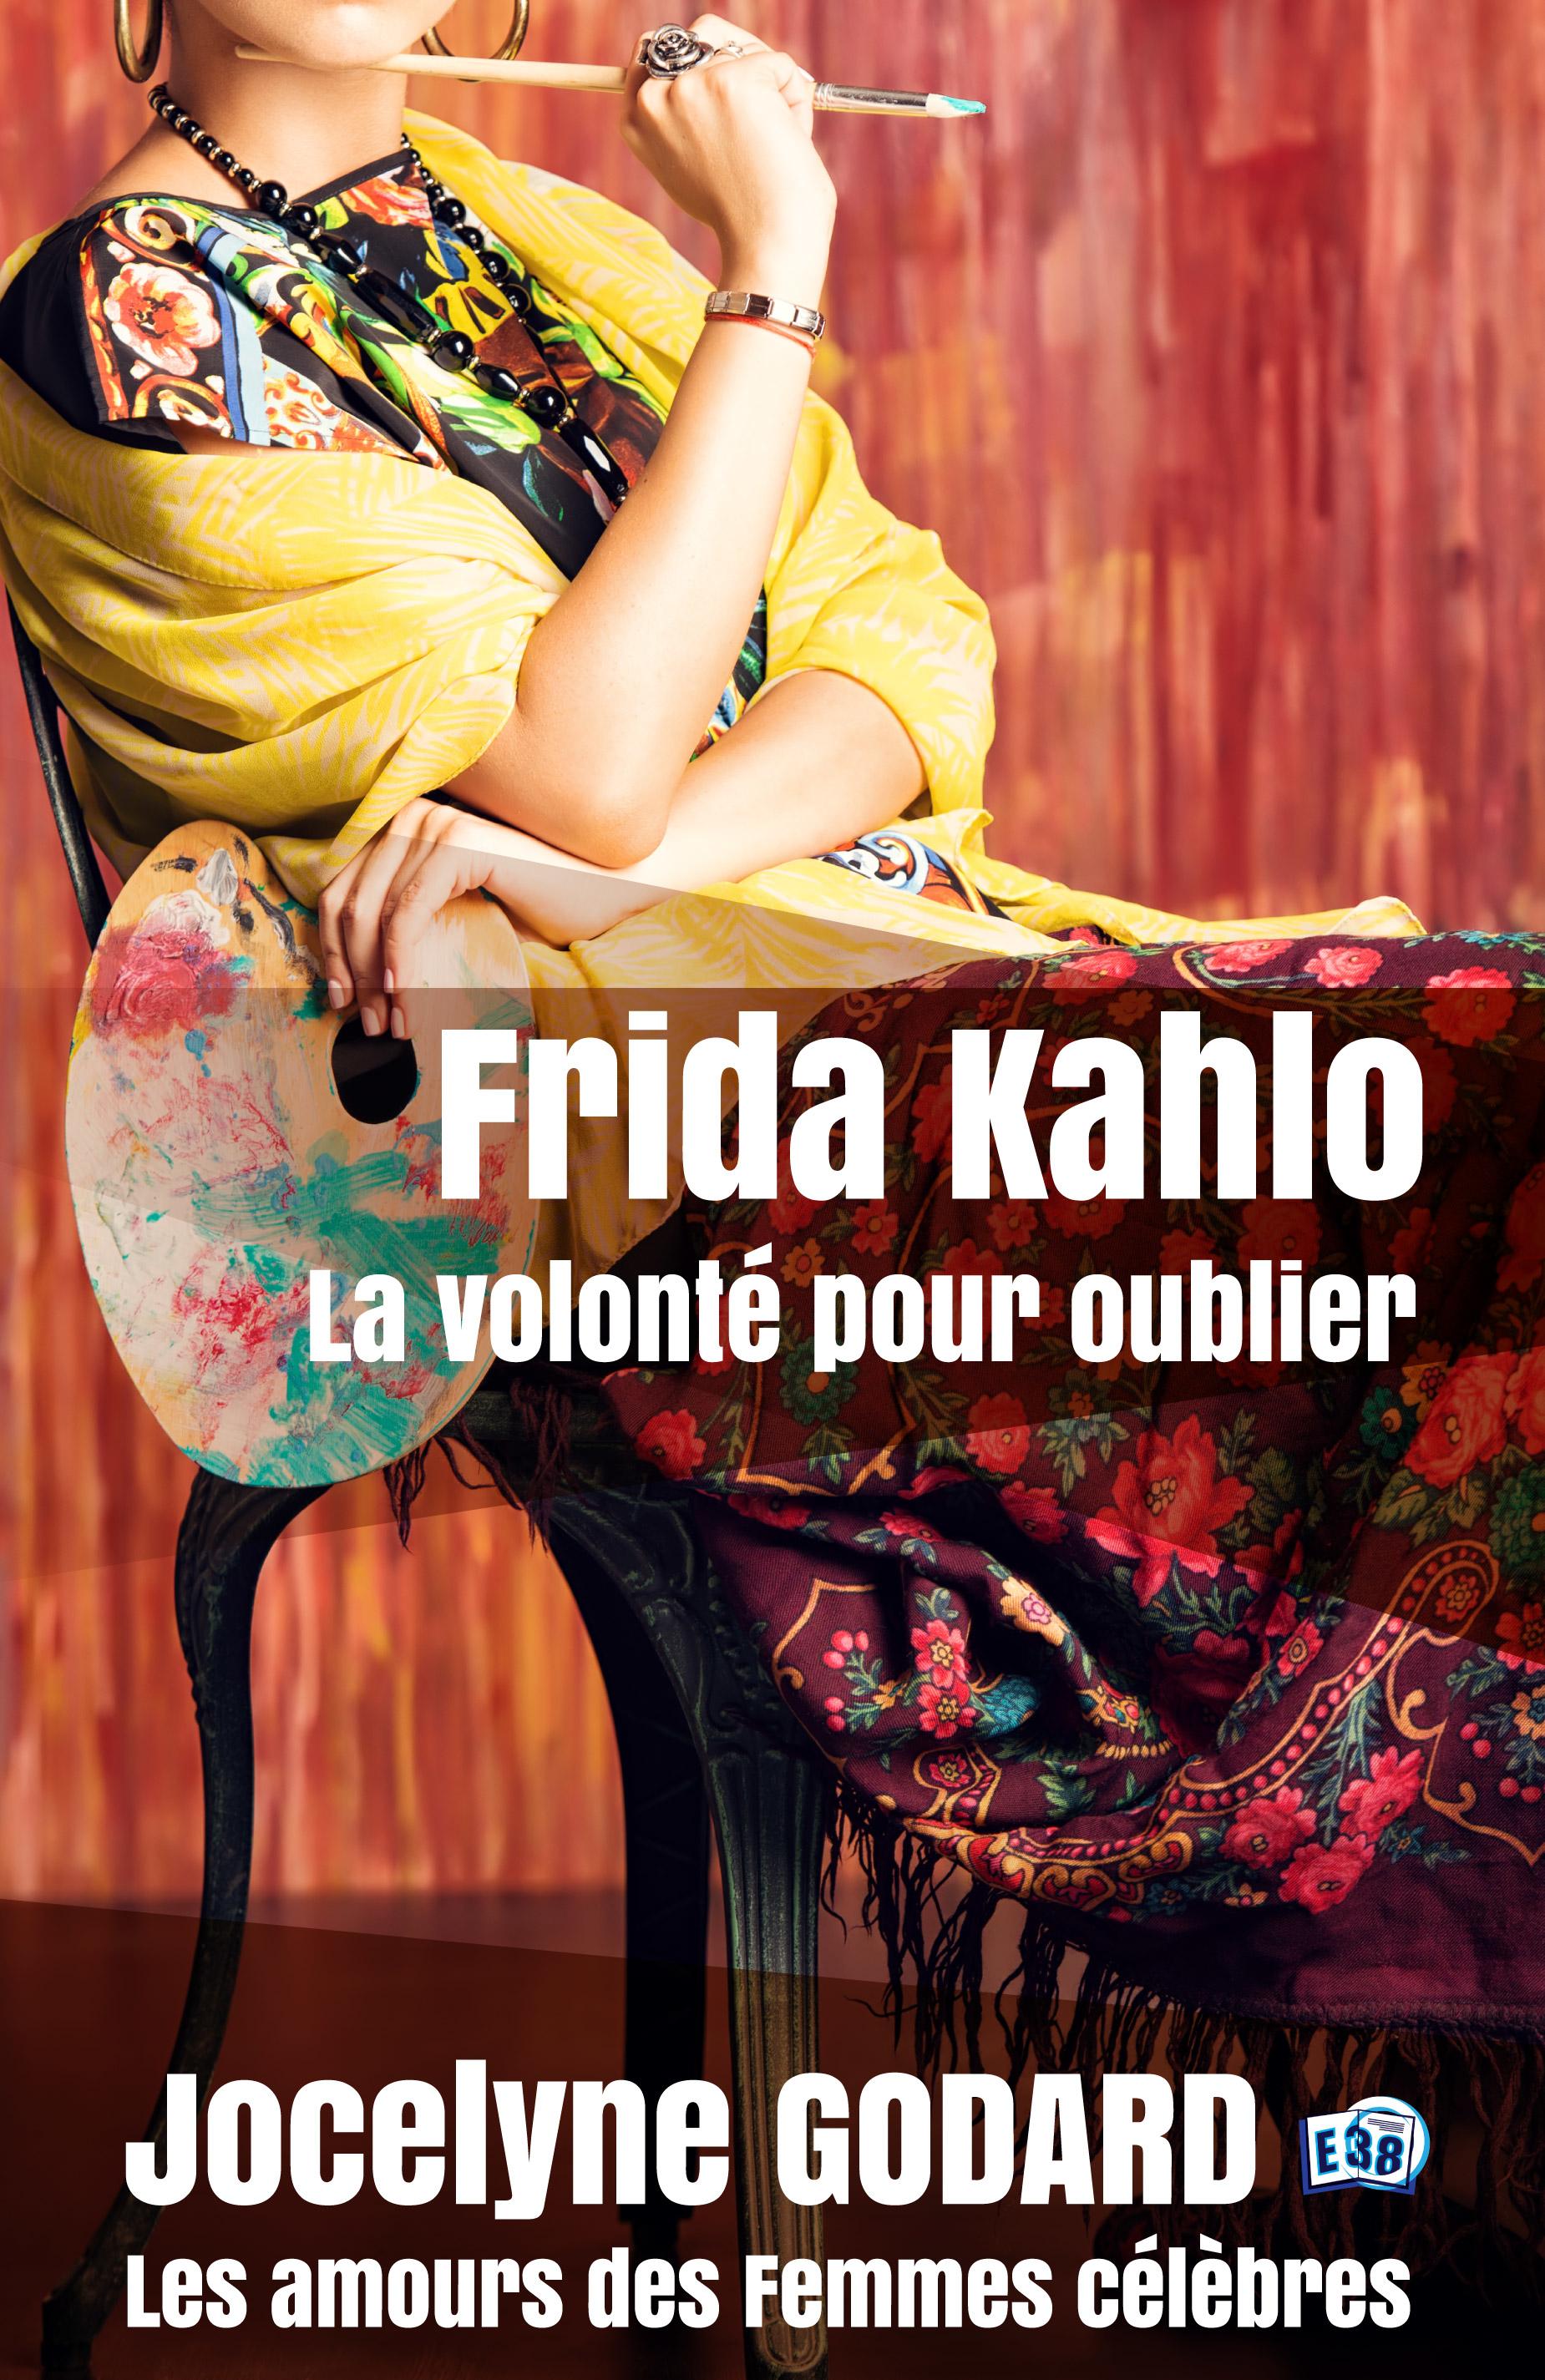 Vignette du livre Frida Kahlo, la volonté pour oublier